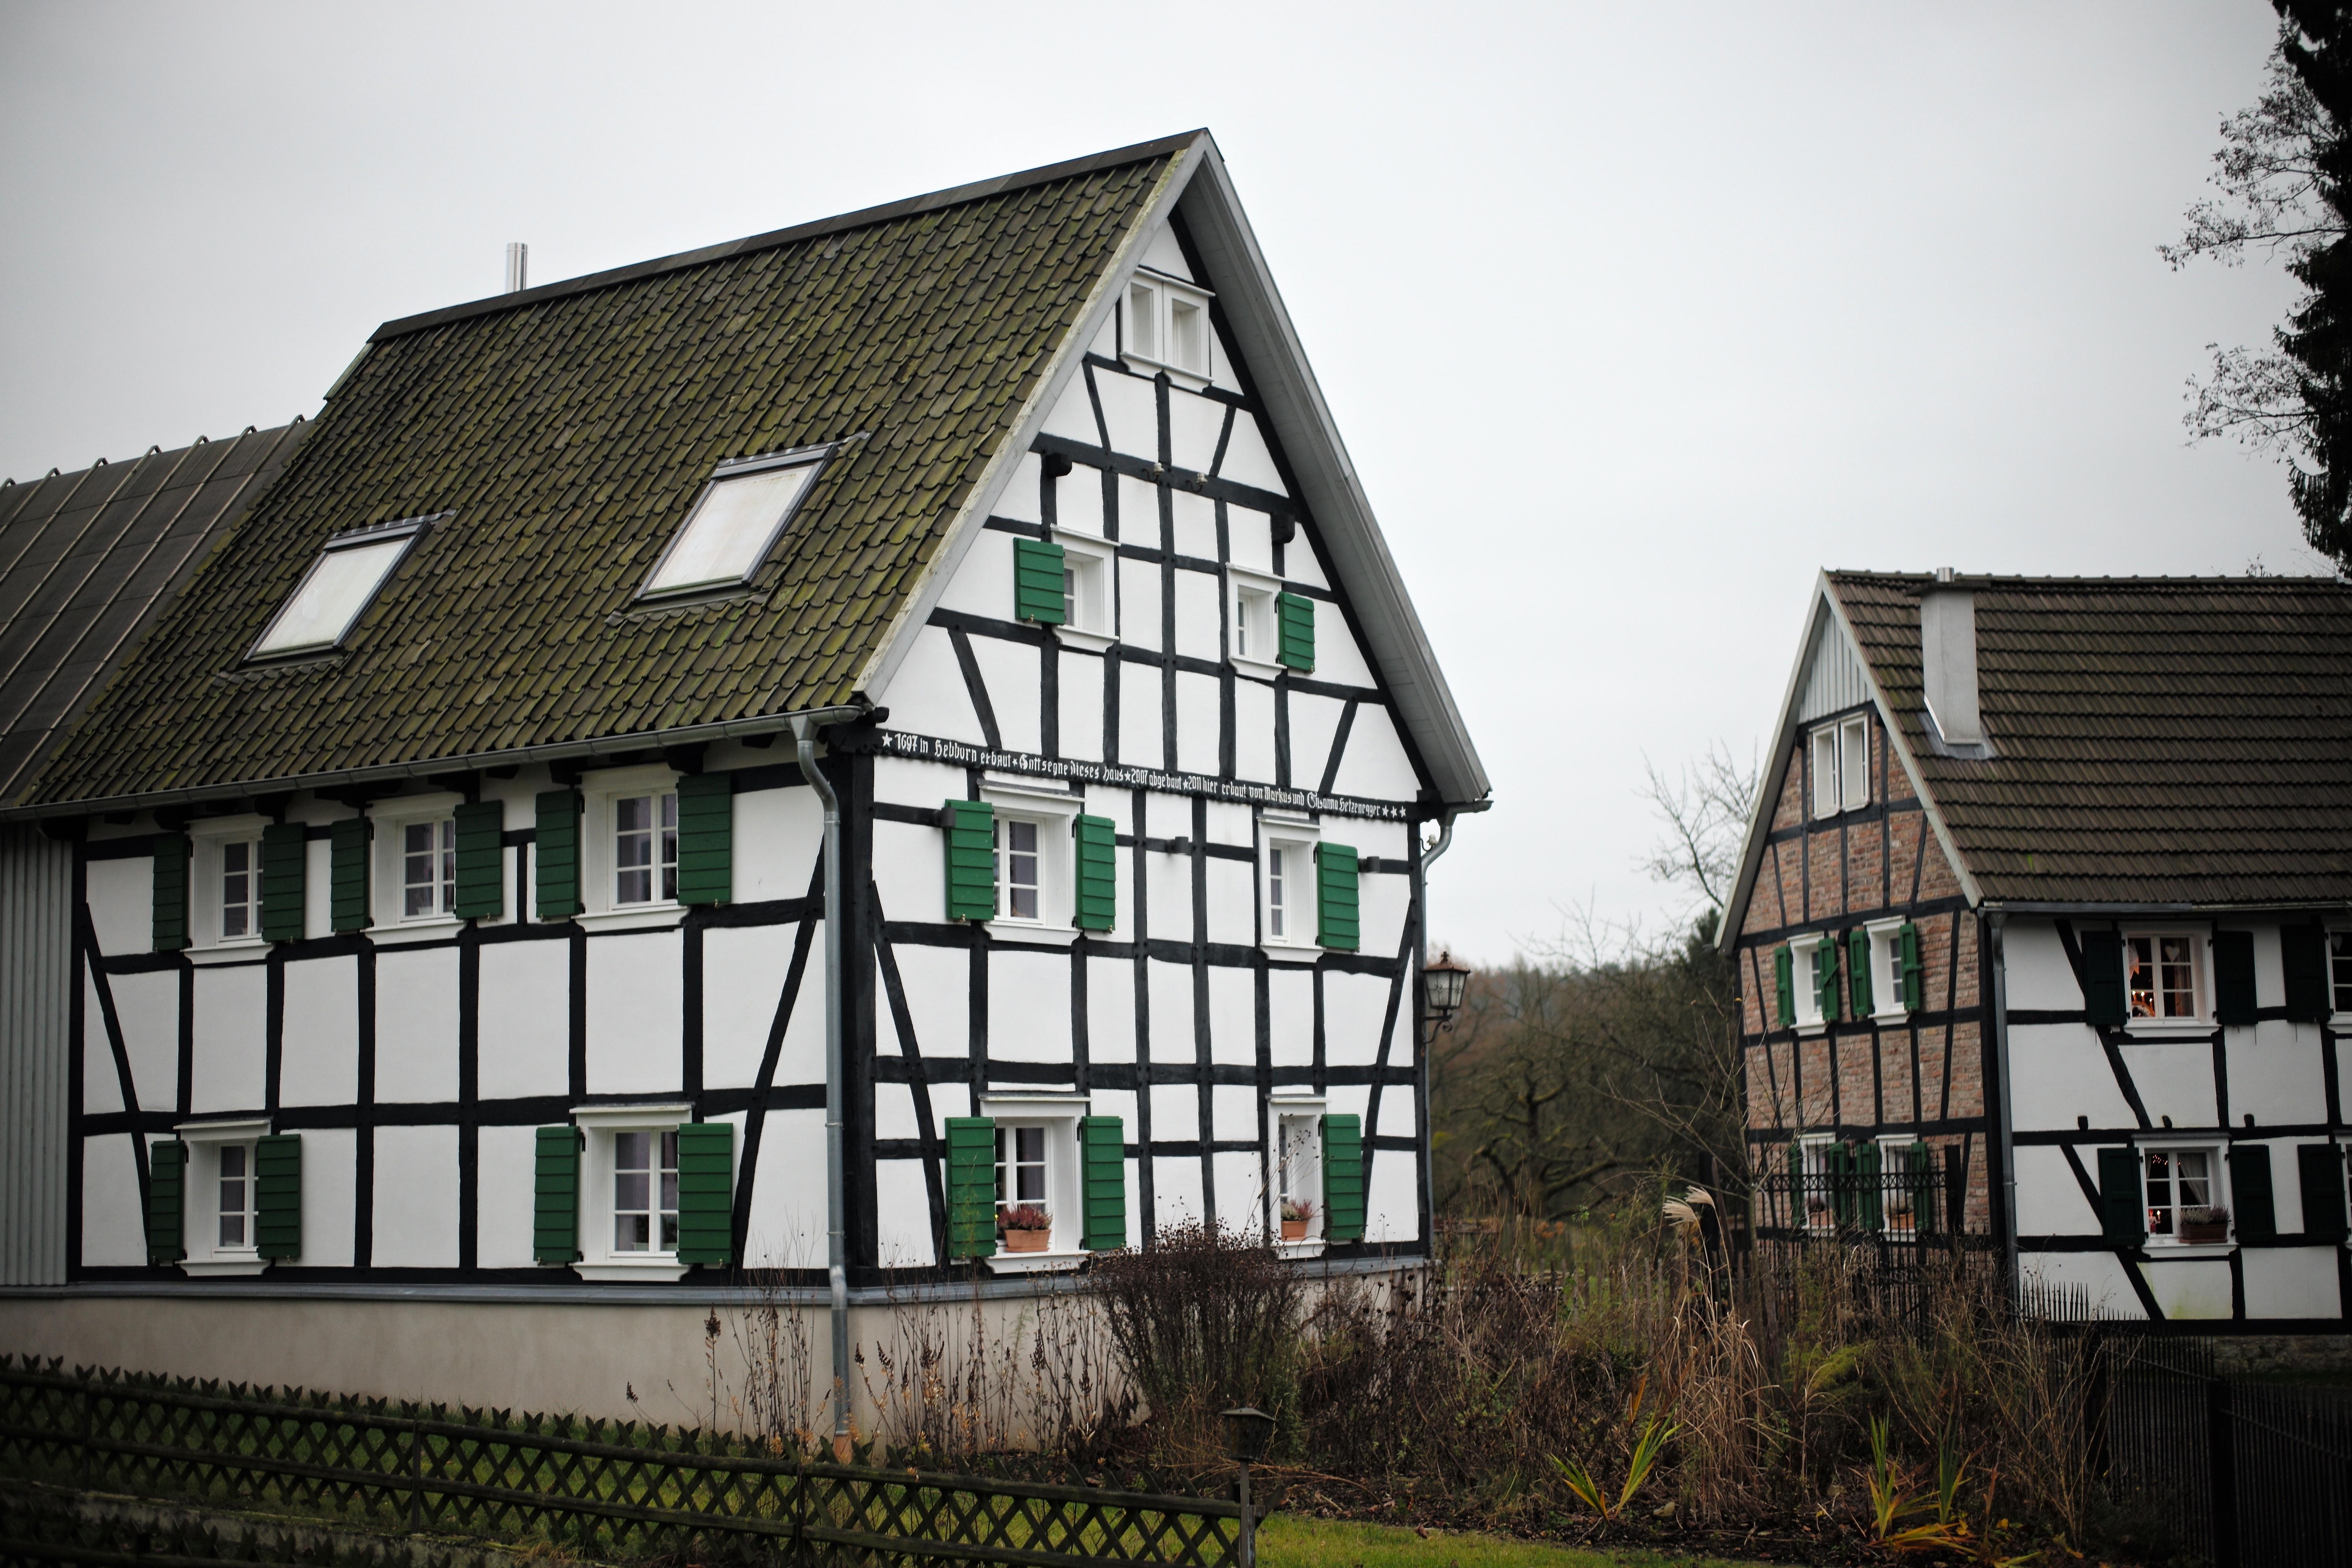 Kostenlose foto : Winter, die Architektur, Bauernhof, Landschaft ...